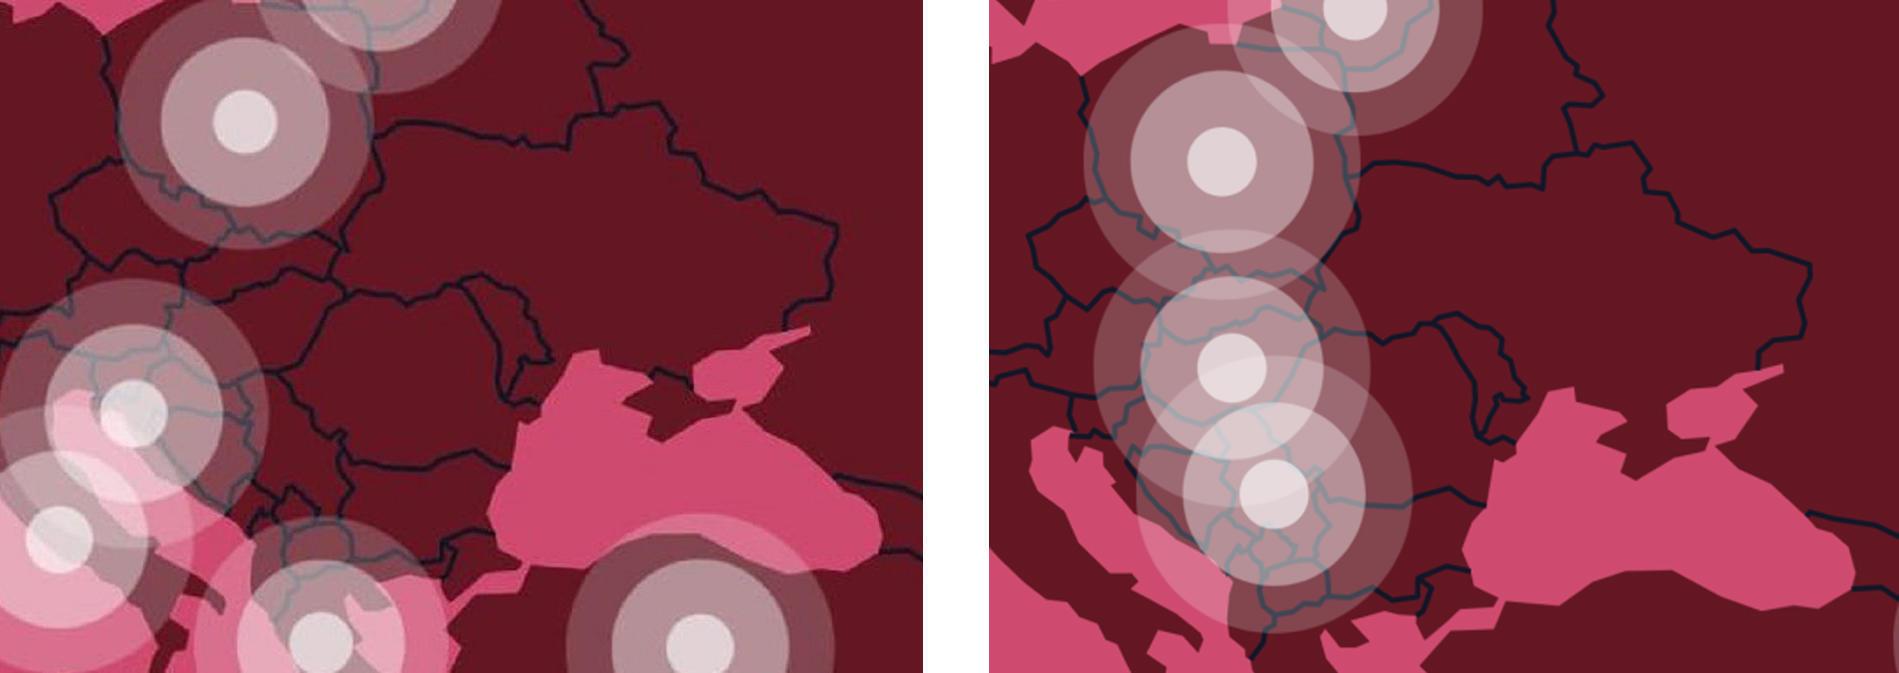 На сайті Олімпійських ігор зобразили мапу України з відділеним від неї Кримом